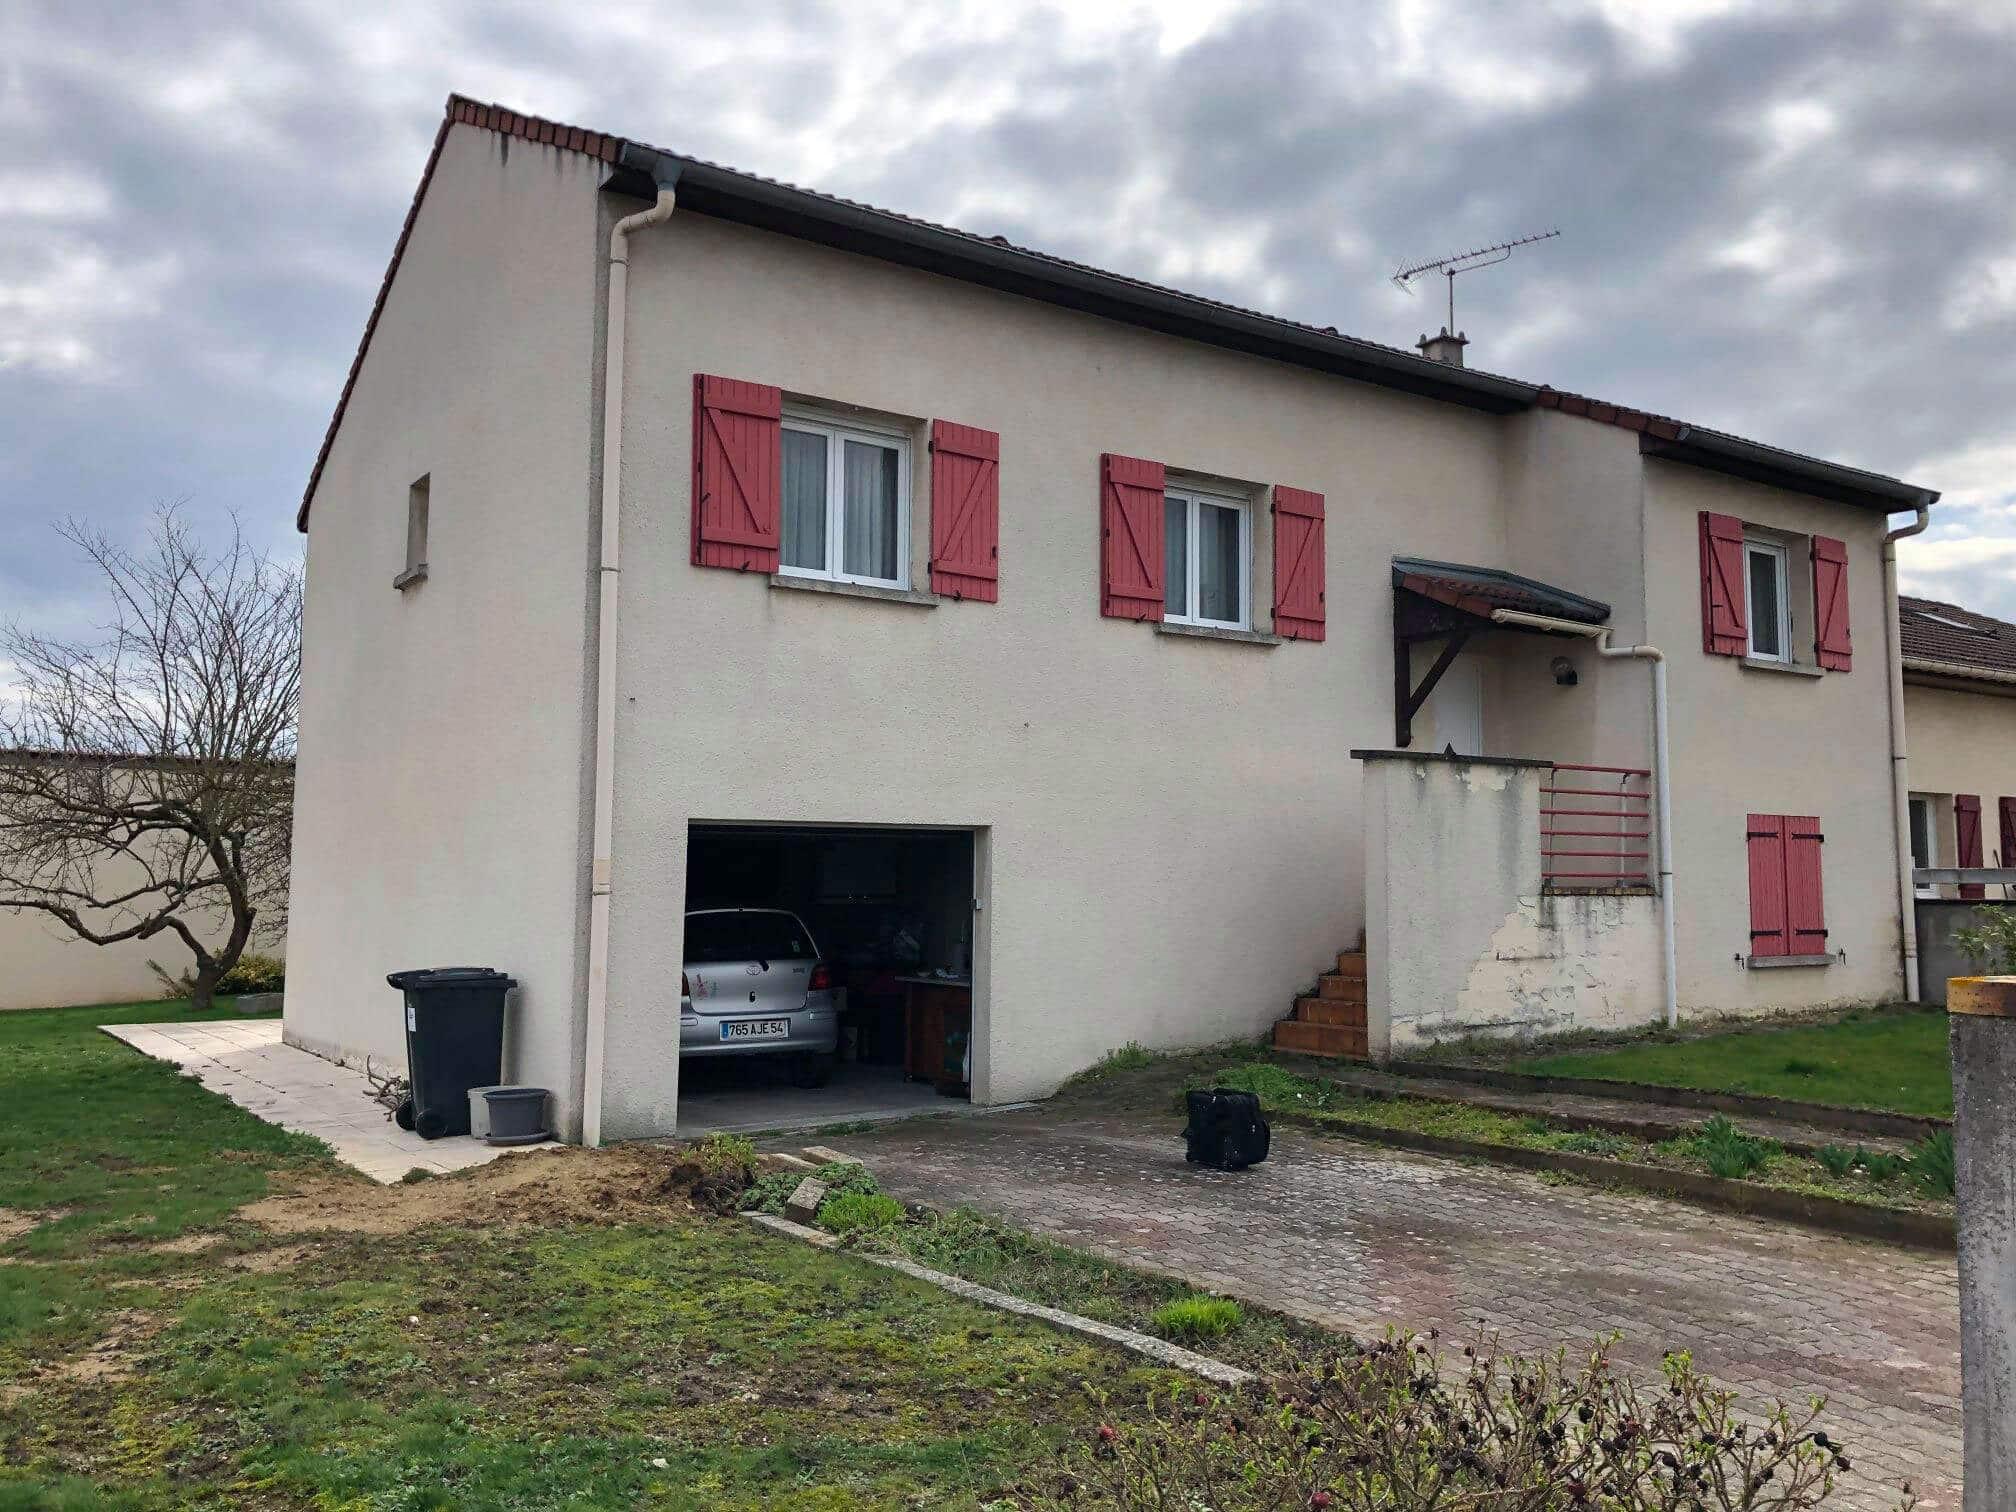 Ravalement de façade d'une maison située à Saint-Nicolas-de-Port, Lorraine